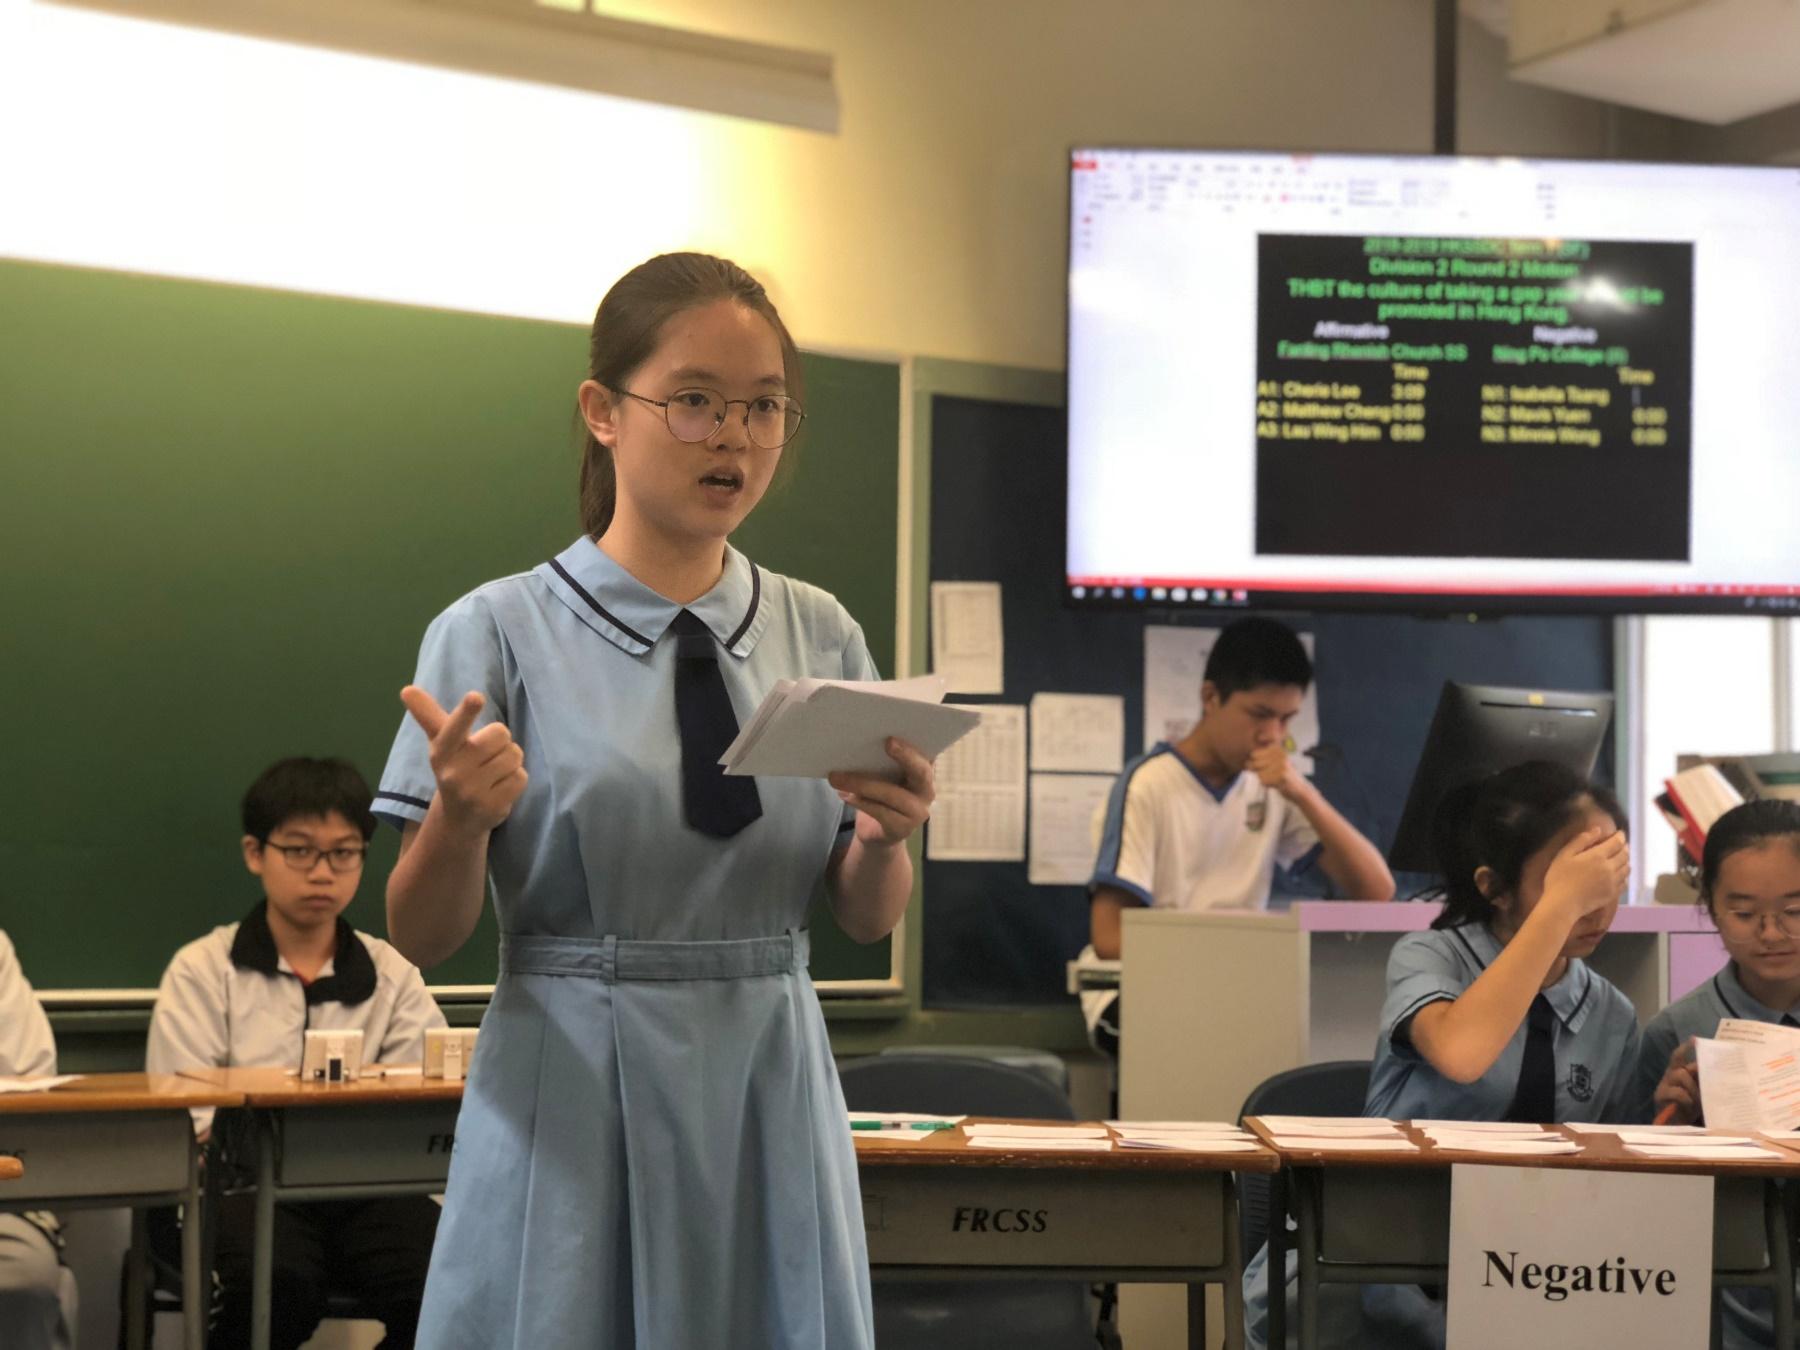 http://npc.edu.hk/sites/default/files/n1_6.jpg